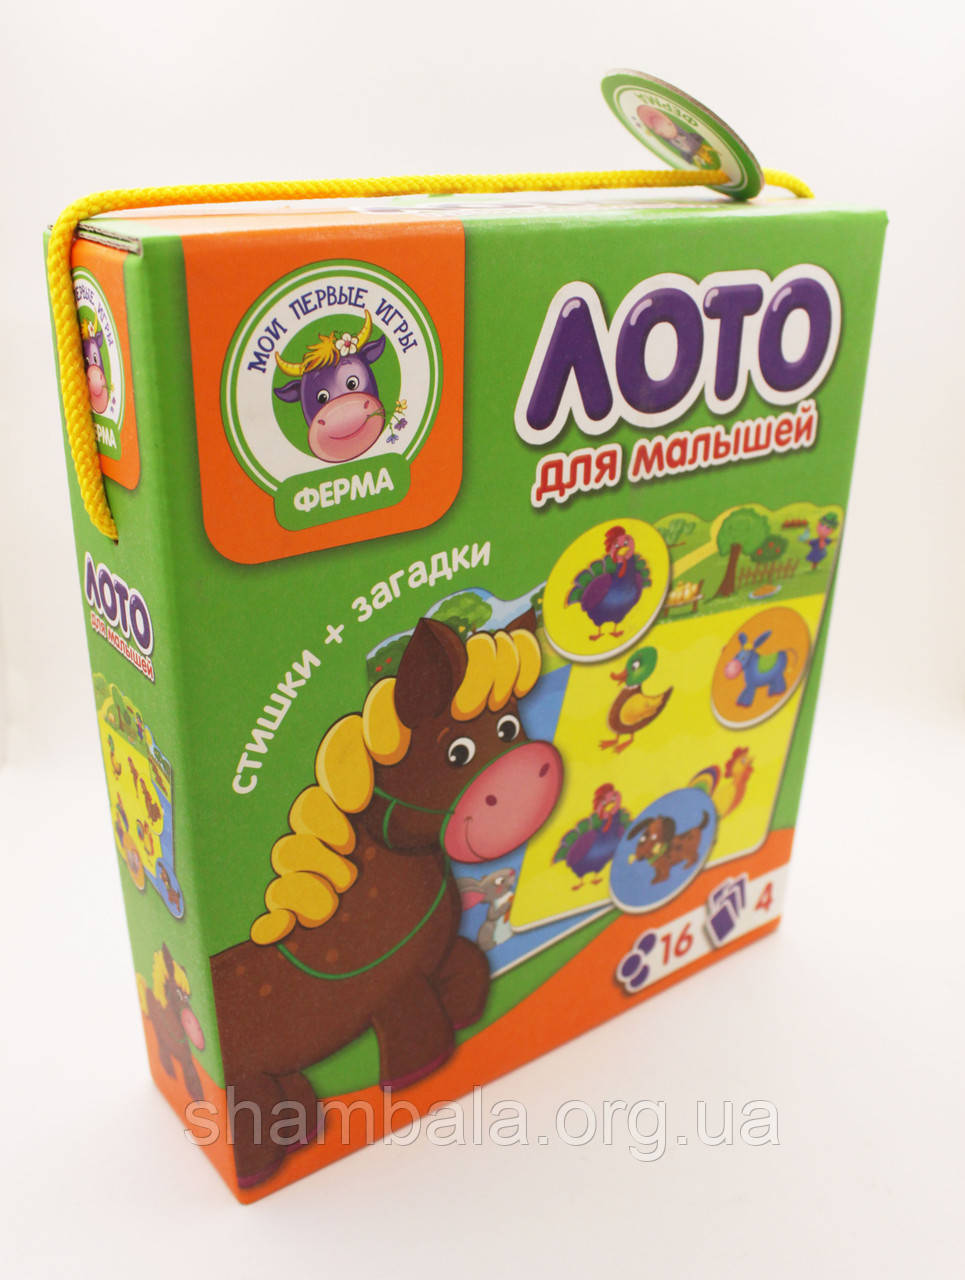 Игра Лото для малышей: стишки и загадки (082028)